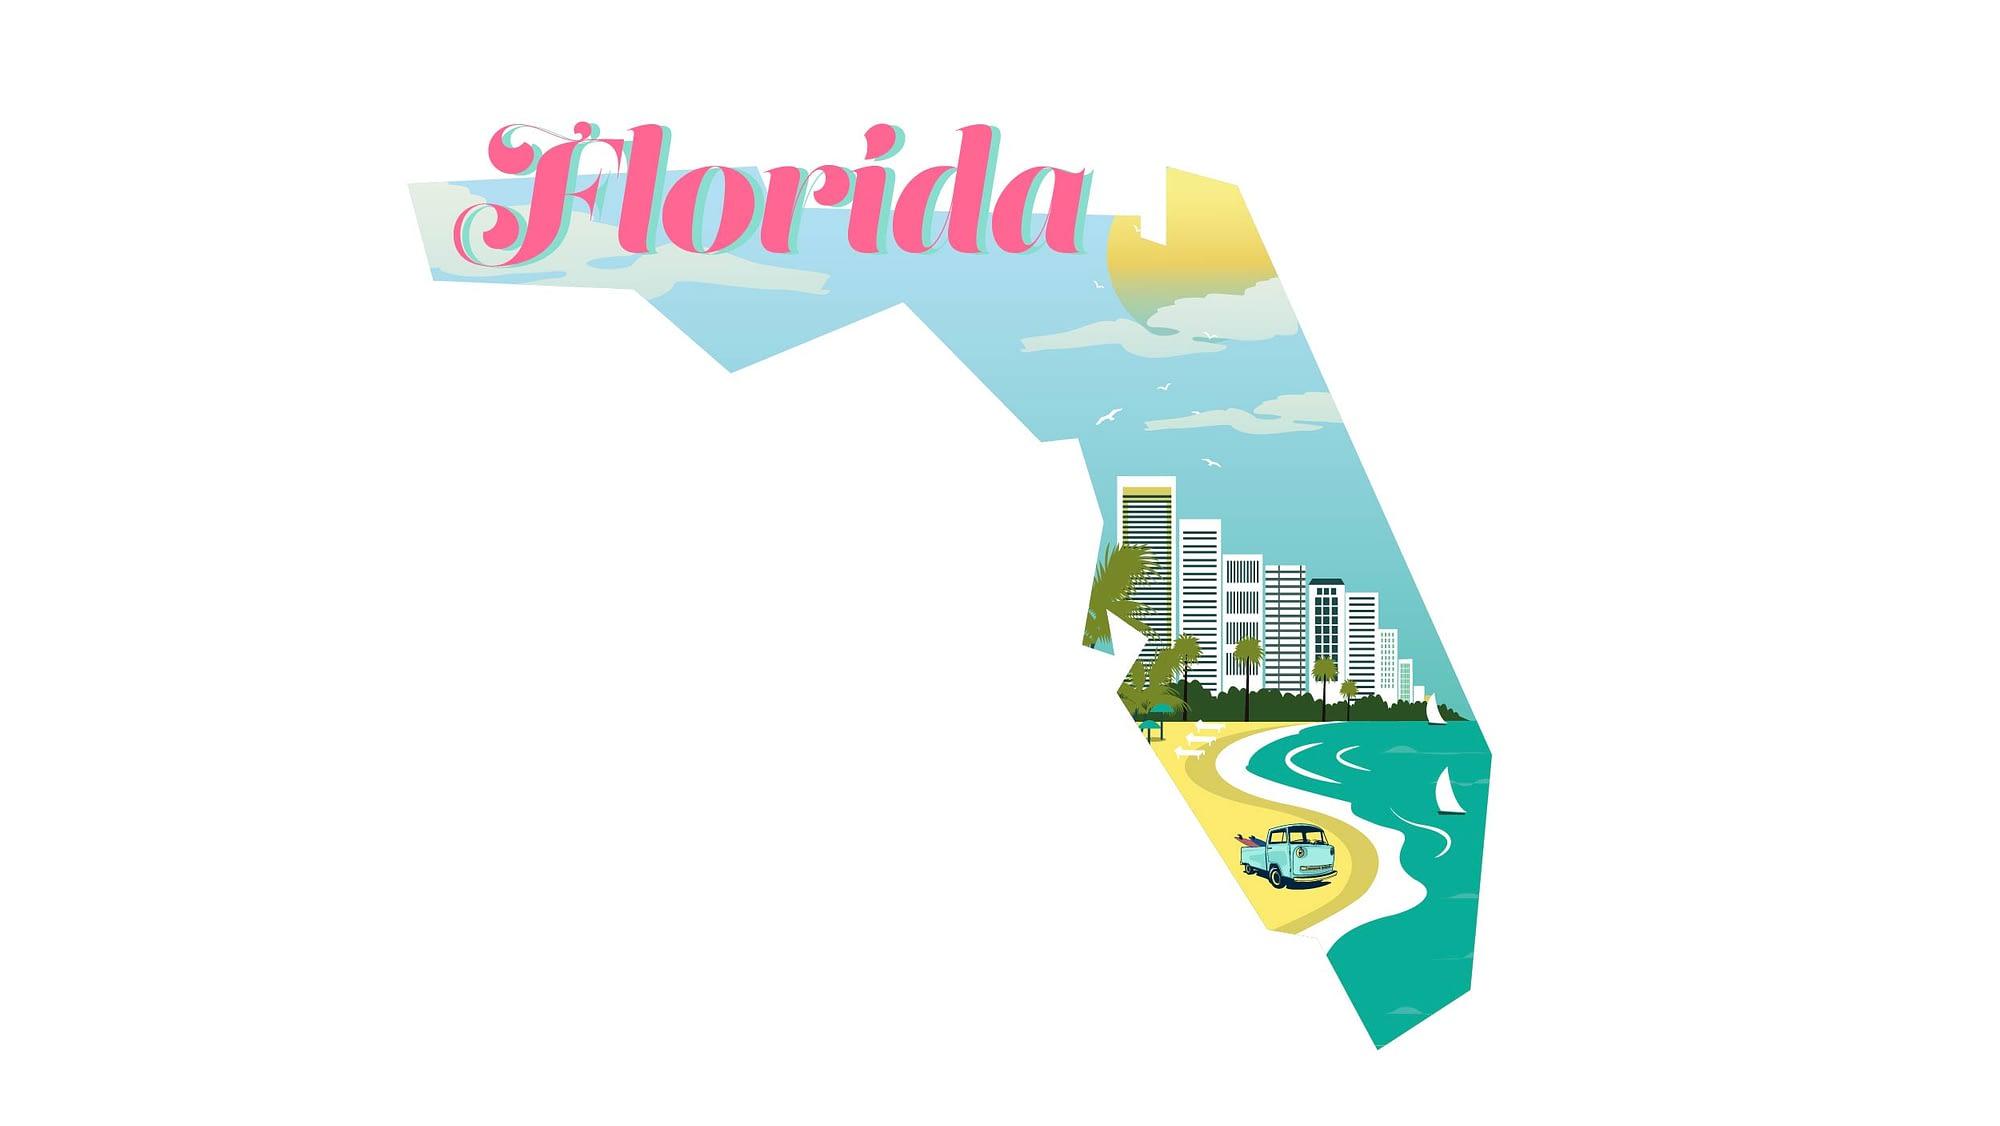 CBD hemp flower and Florida